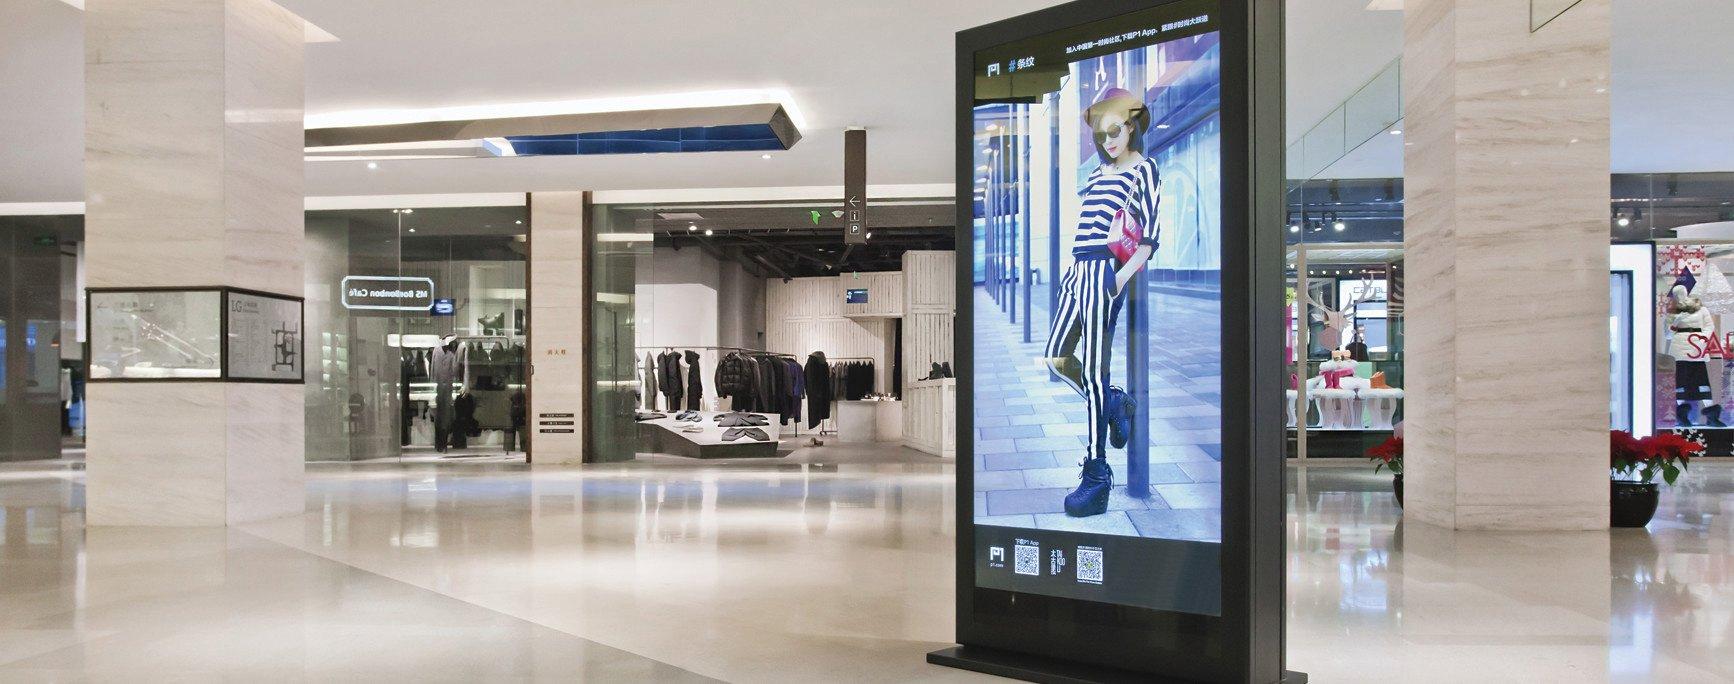 schermi pubblicitari centri commerciali